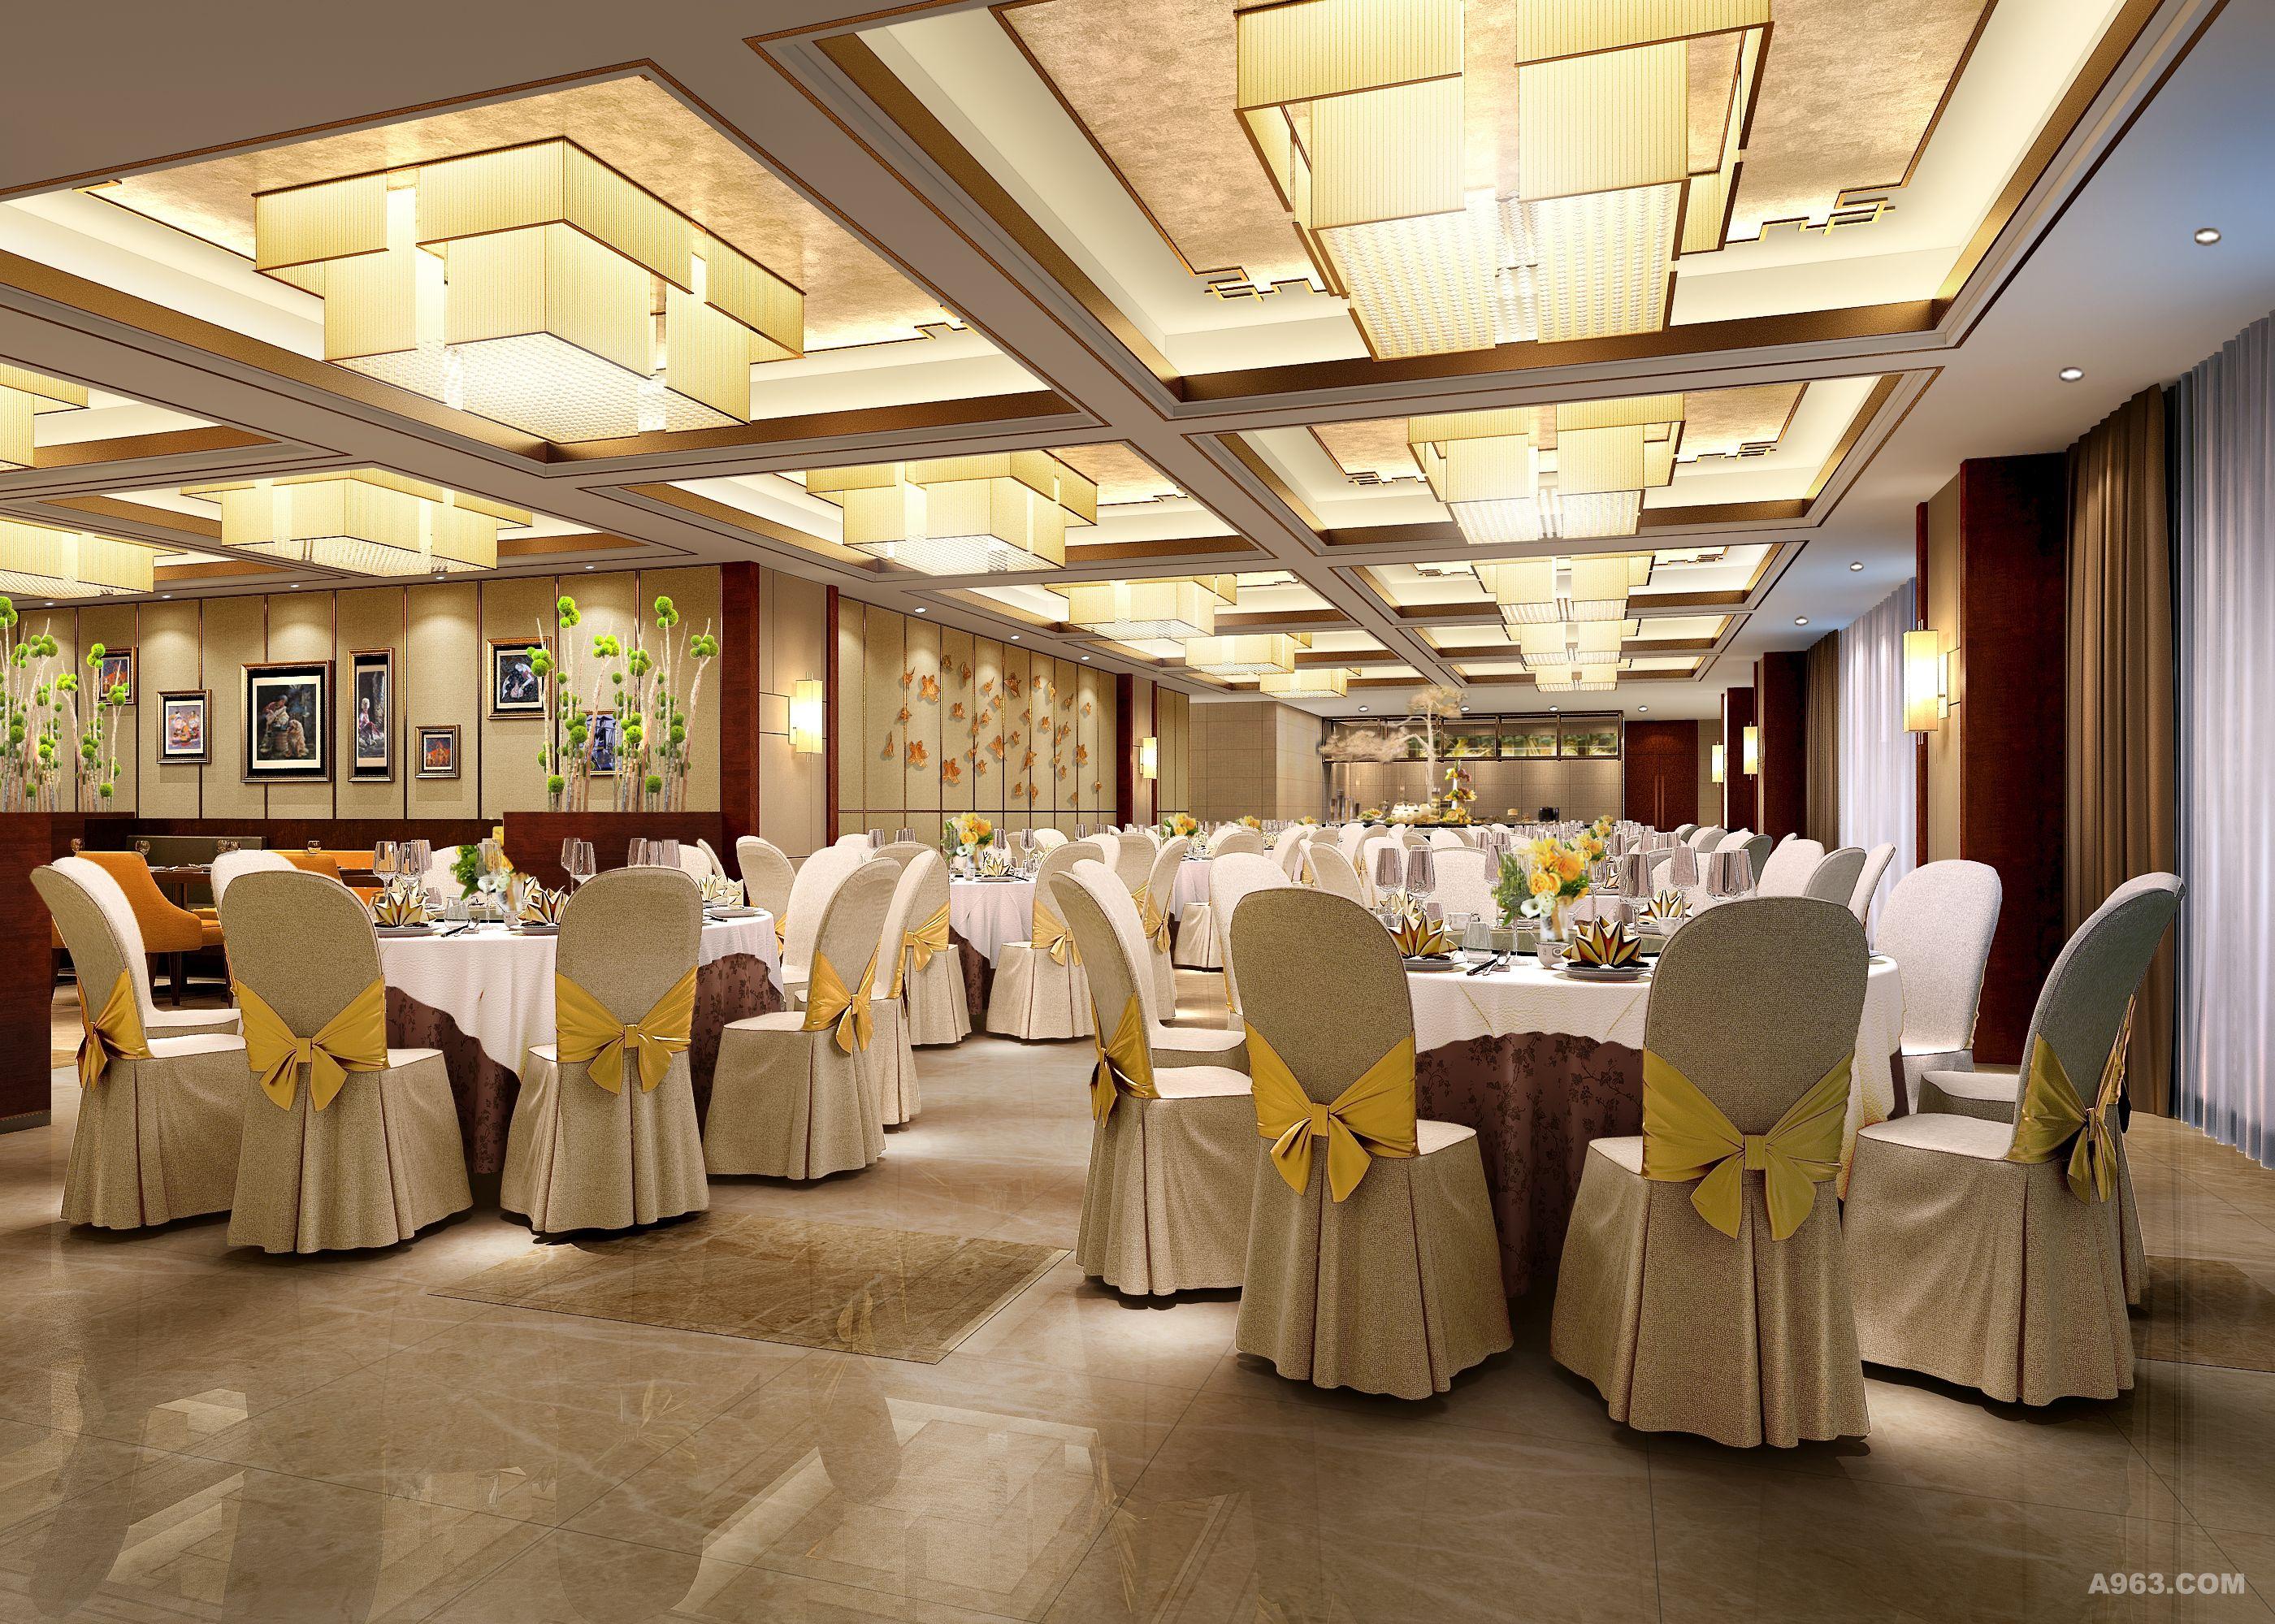 理县古尔沟诗曼温泉主题酒店设计方案宴会厅